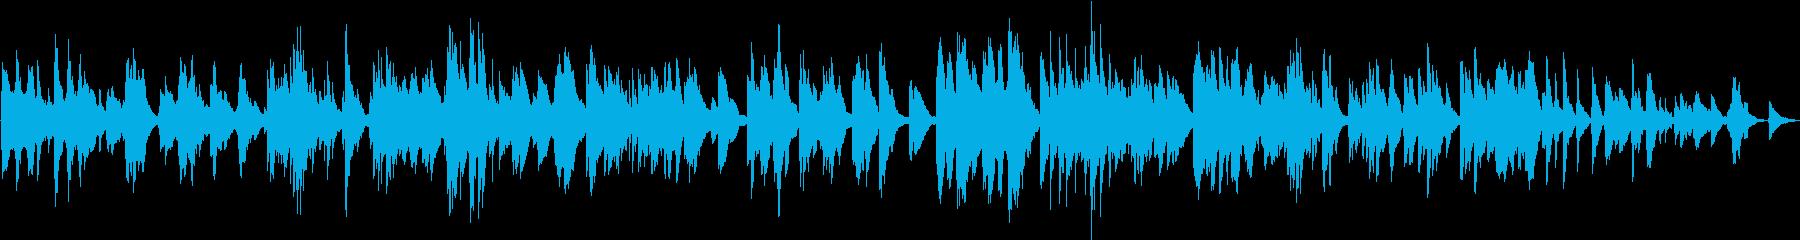 ピアノソロ 天使のイメージ、癒しの即興曲の再生済みの波形